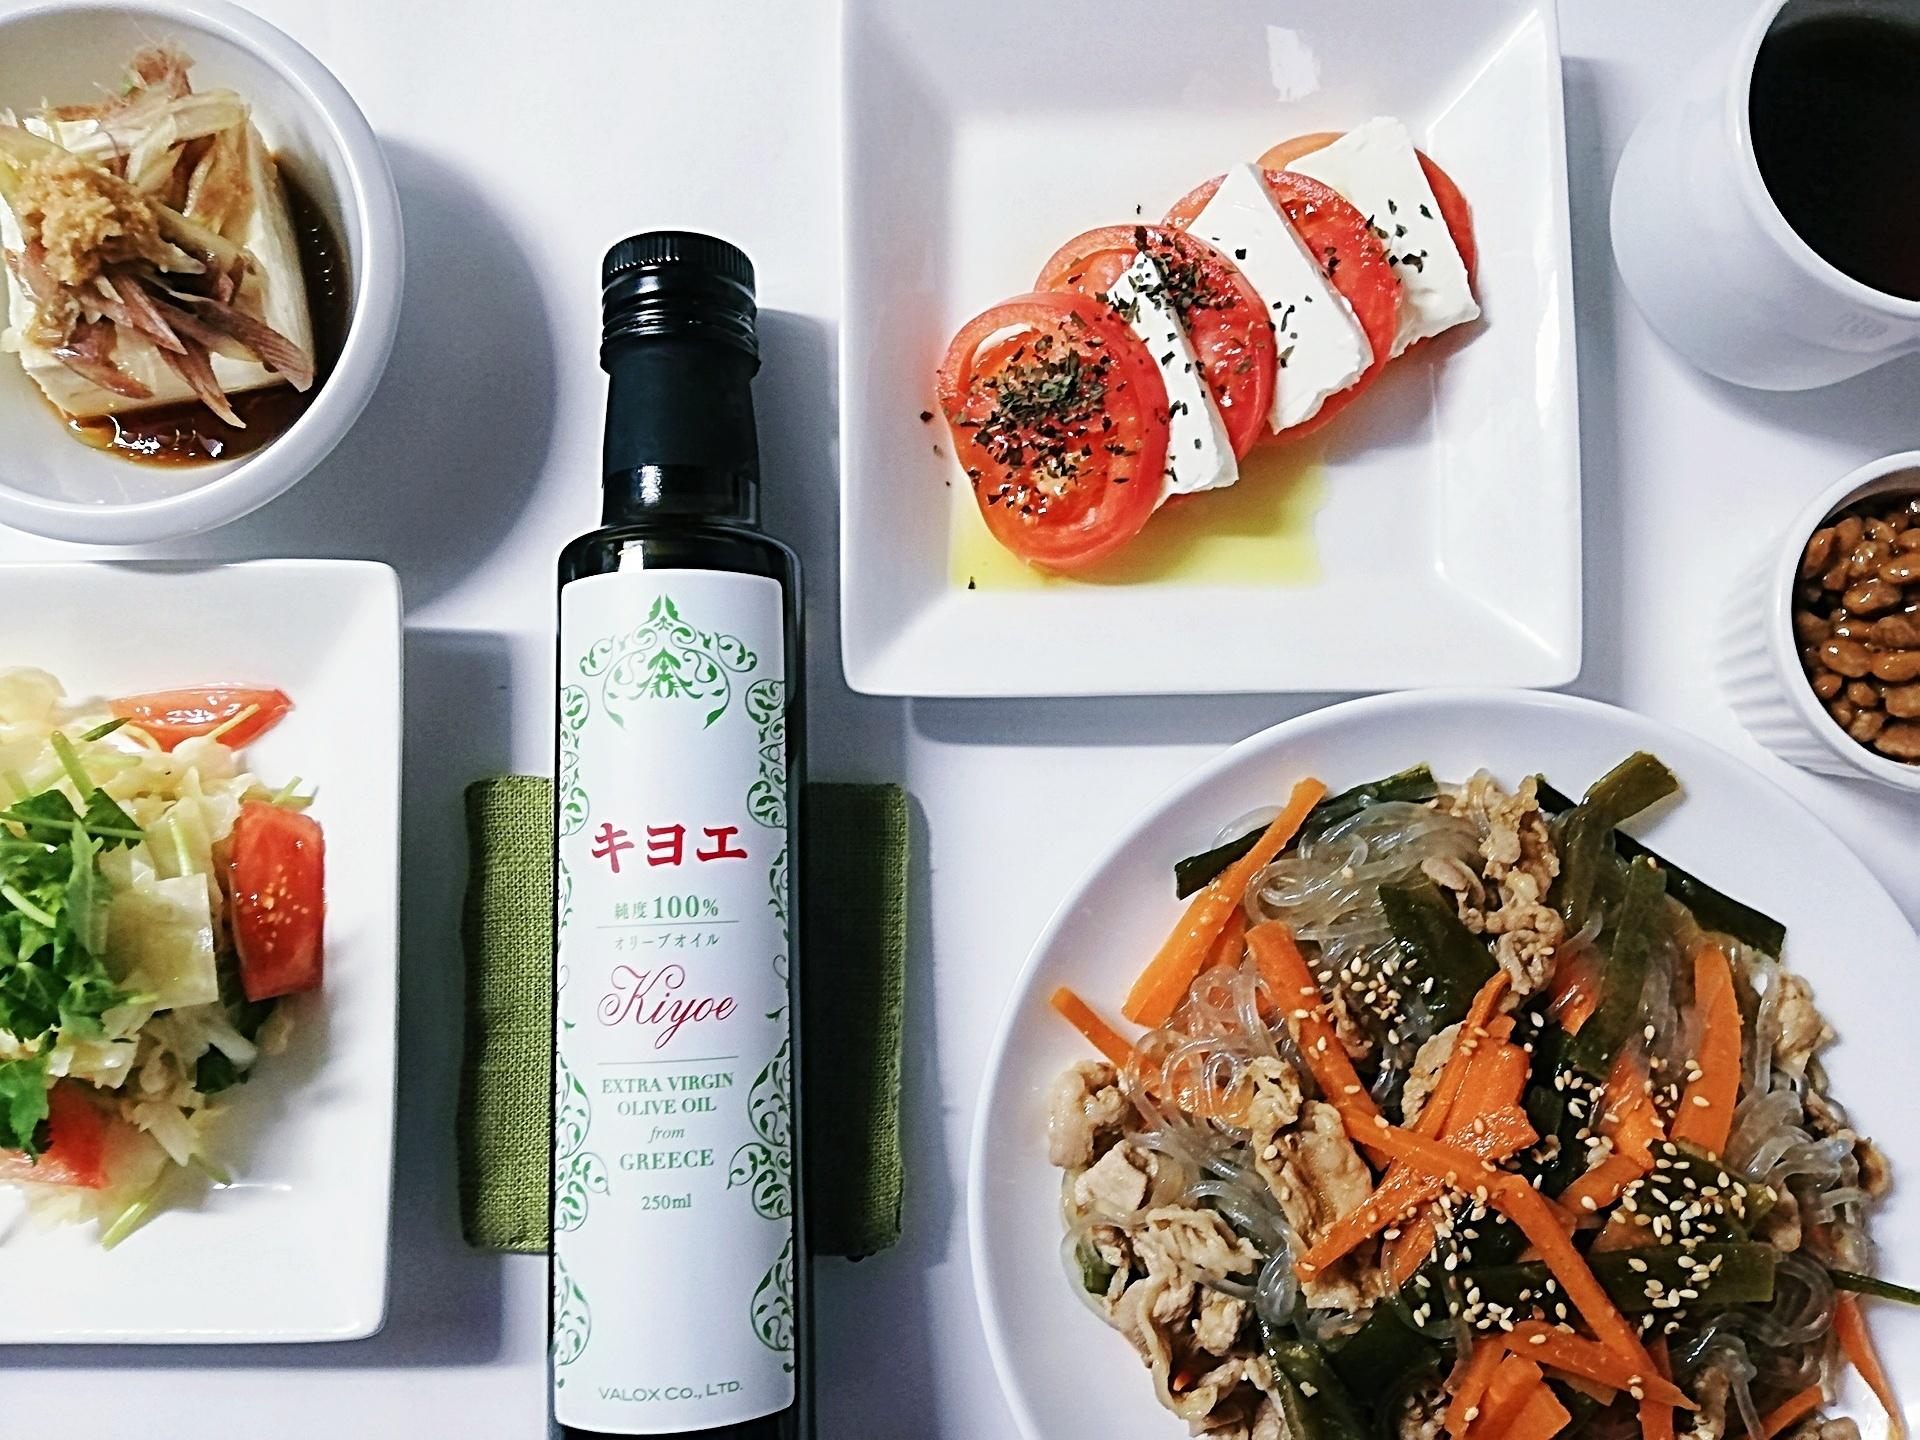 和食にもオリーブオイルを【ギリシャ・クレタ島産 キヨエEXVオリーブオイル】なら日本人のためのオリーブオイルです